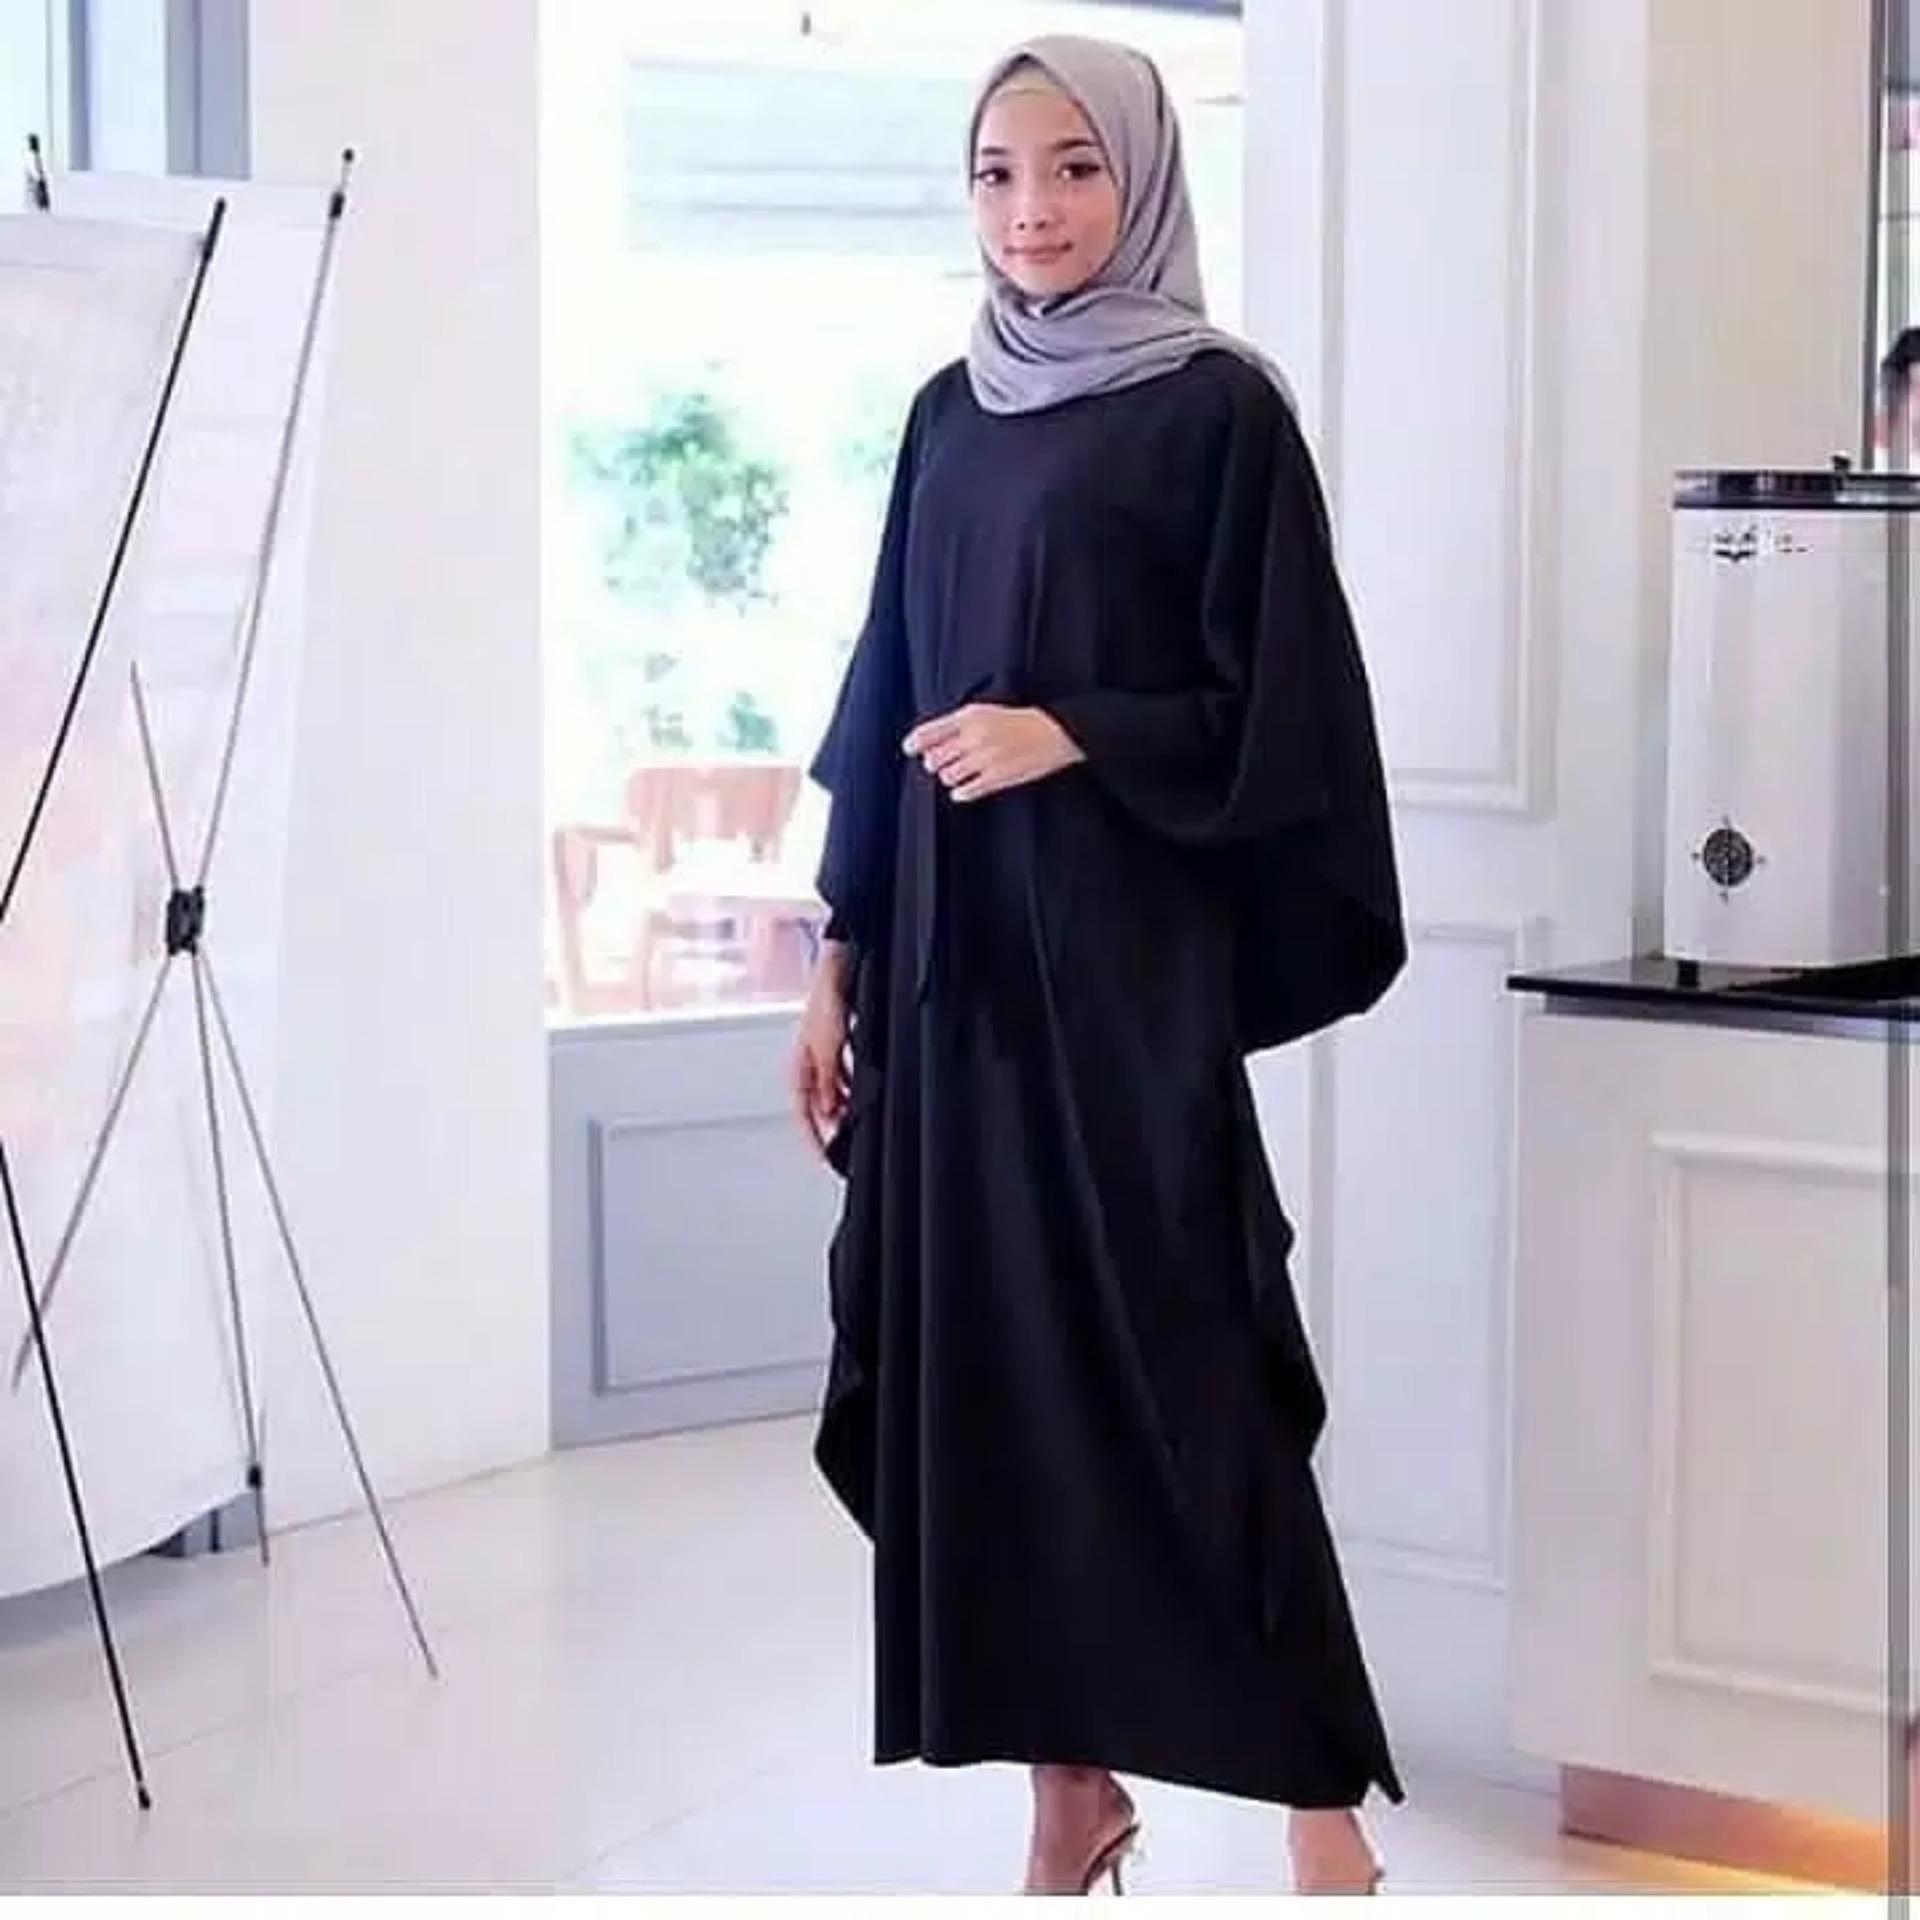 Jakarta Grosir  - Luaran Muslim Wanita / Setelan Blouse/ Kemeja wanita / Long Dress Maxy / Long Dress Wanita / Gaun Panjang/Gaun Wanita / Tunik Wanita / Dress Muslim / Atasan Muslim / Gamis ; Murah; Motif dan Warna Real Photo #Ukuran M, L dan XL